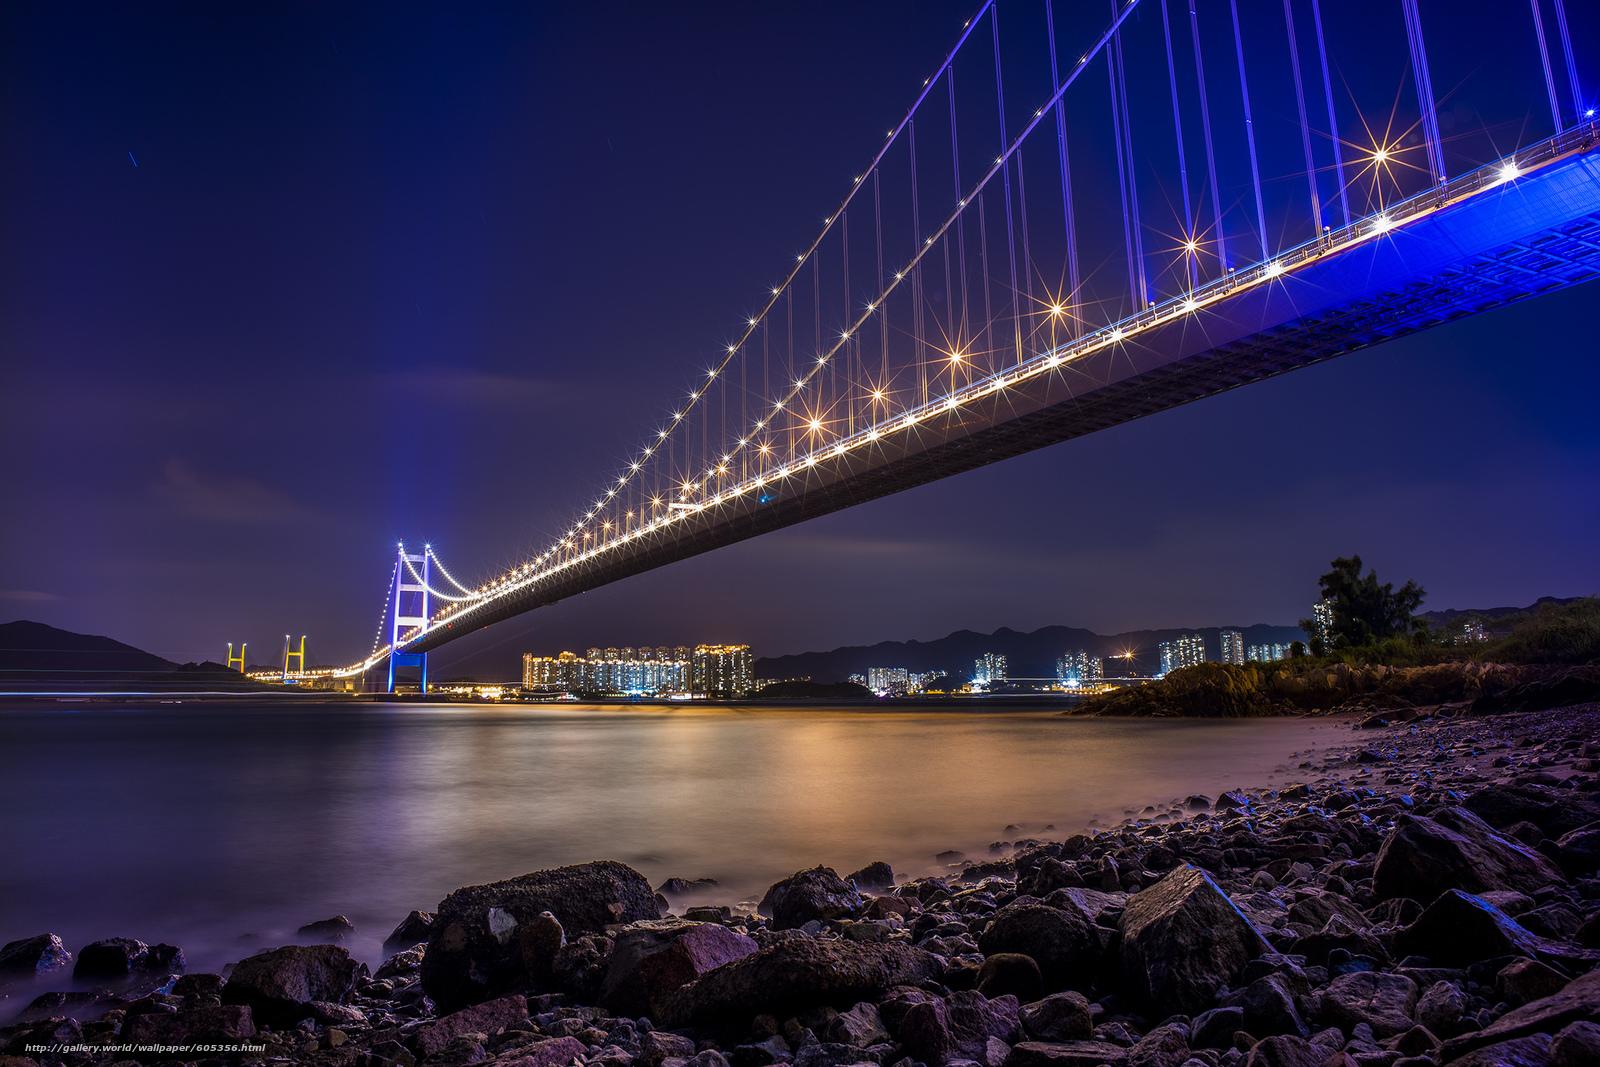 下载壁纸 桥,  西草湾,  青衣,  香港 免费为您的桌面分辨率的壁纸 2250x1500 — 图片 №605356